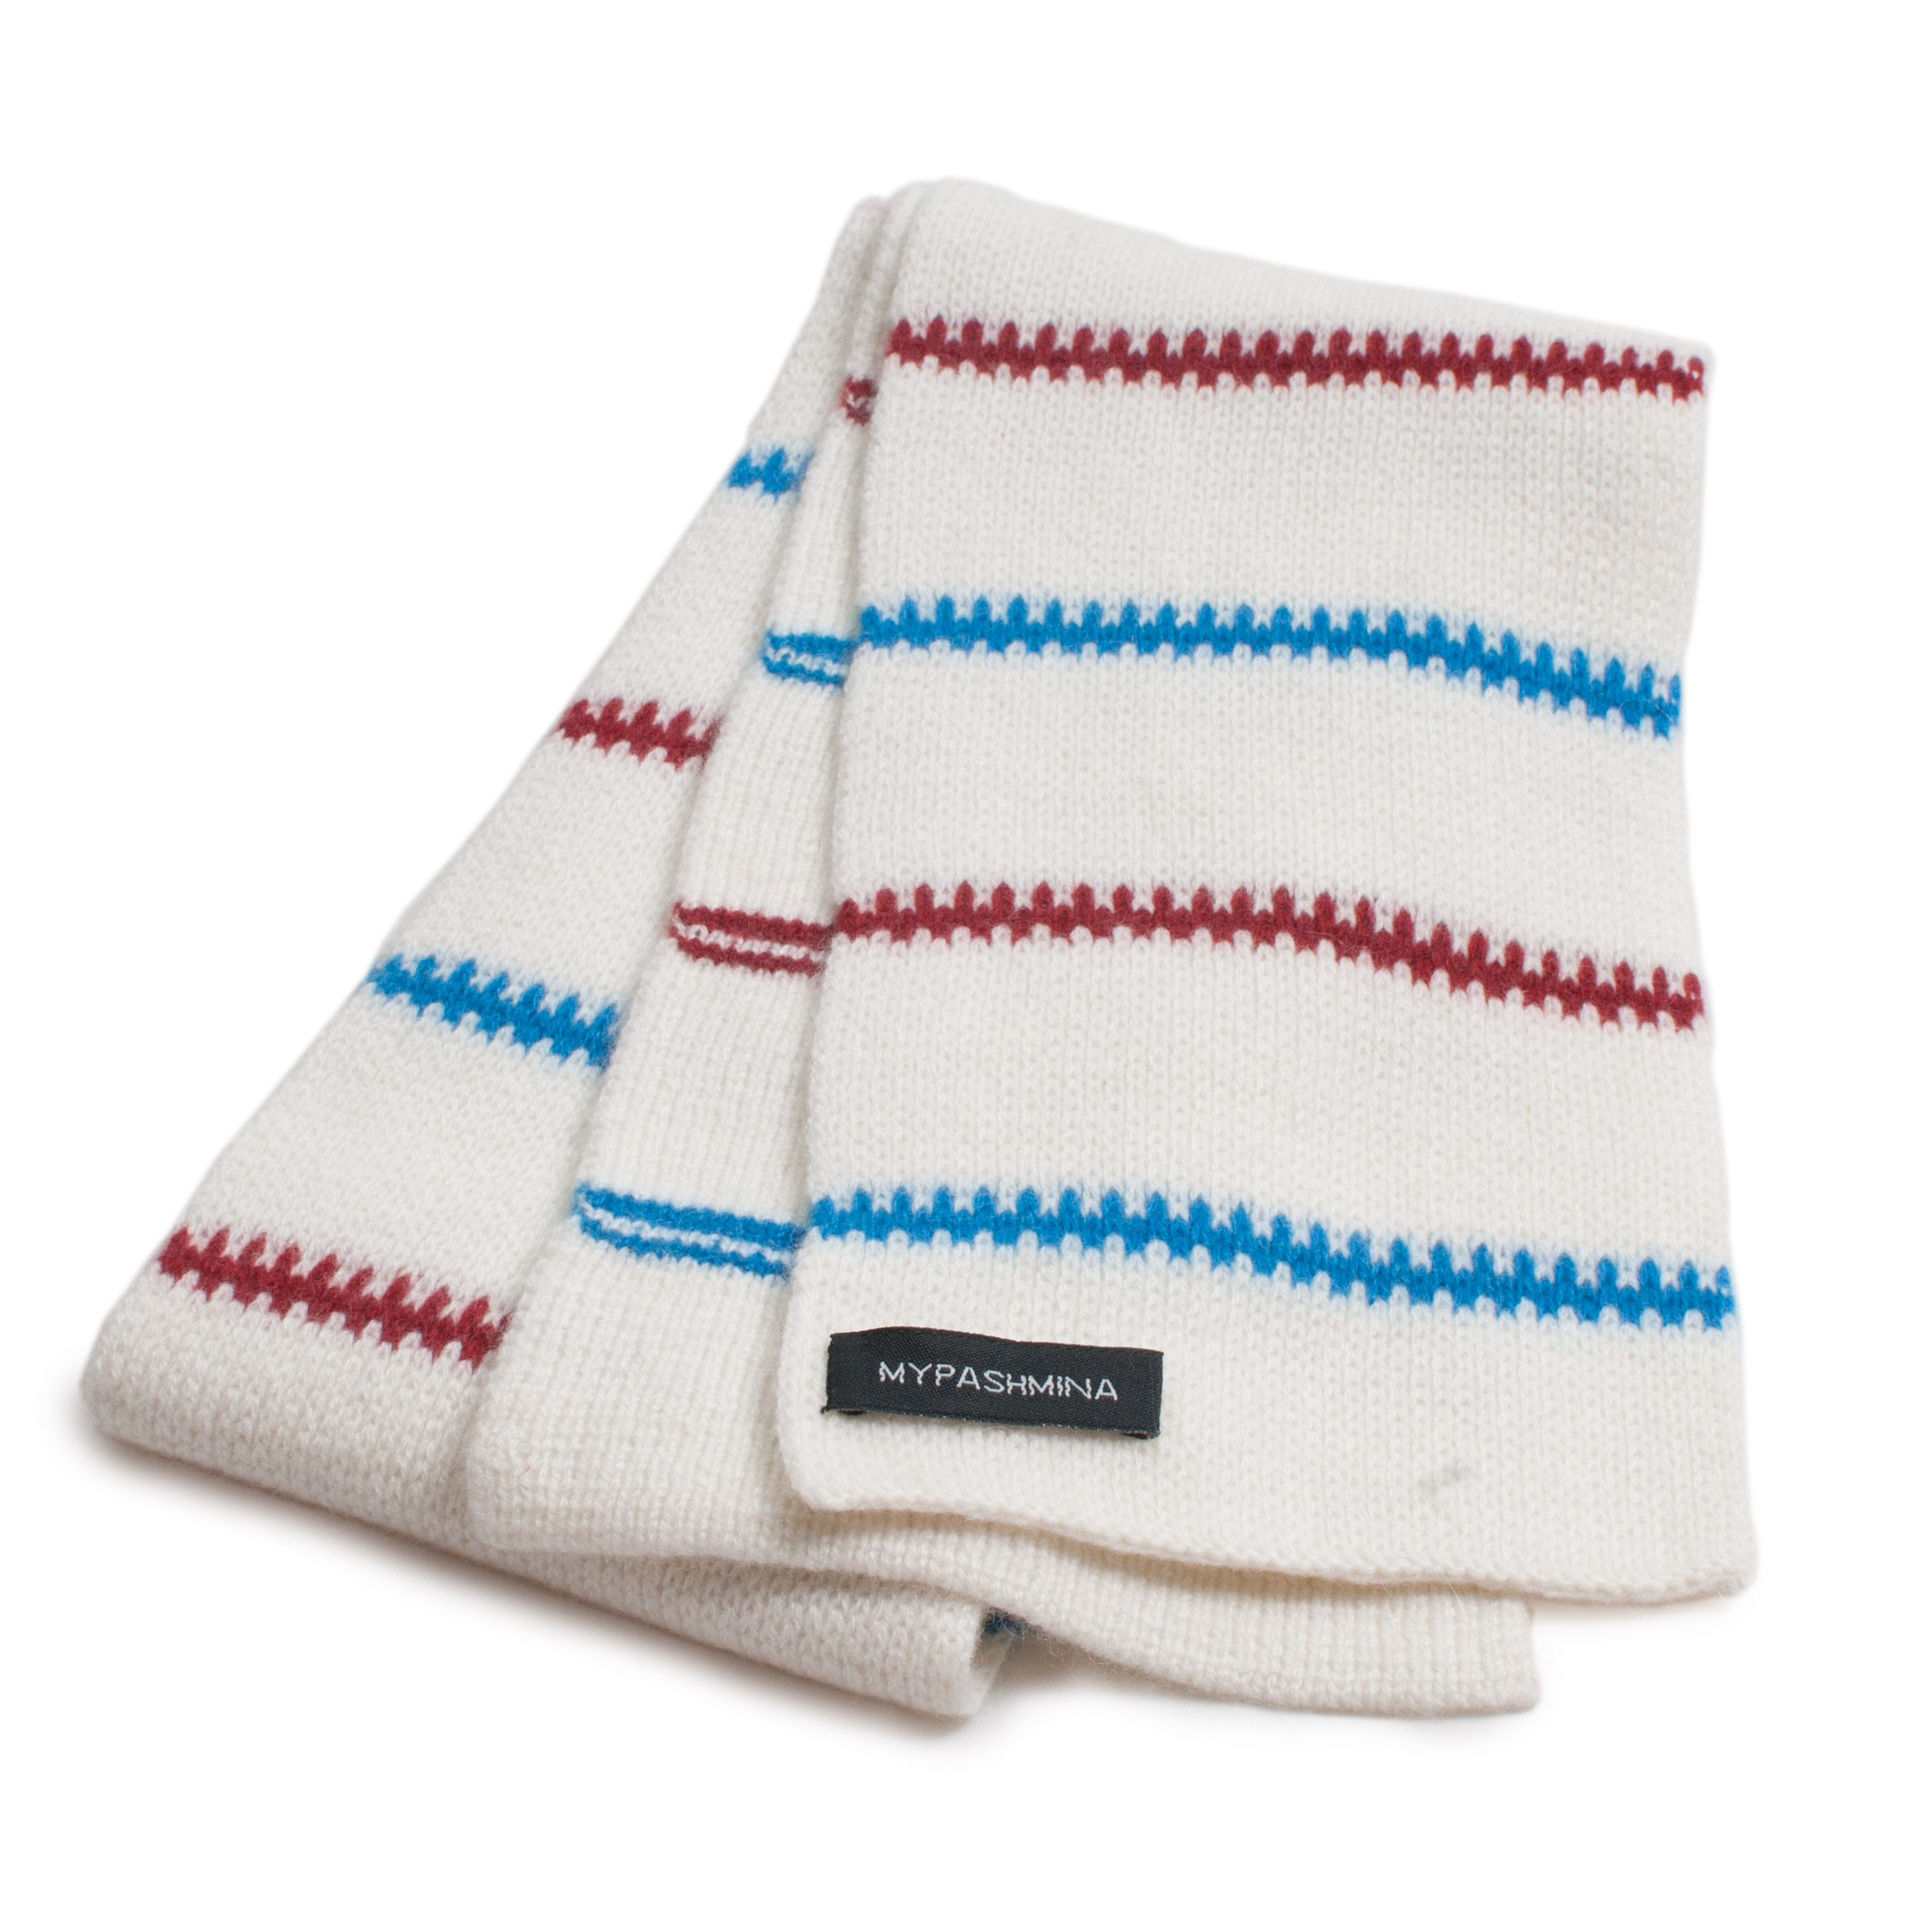 Buy Pippi-halsduk i kashmir – vit röd blå Online - Mypashmina.se c544d0f2ac681